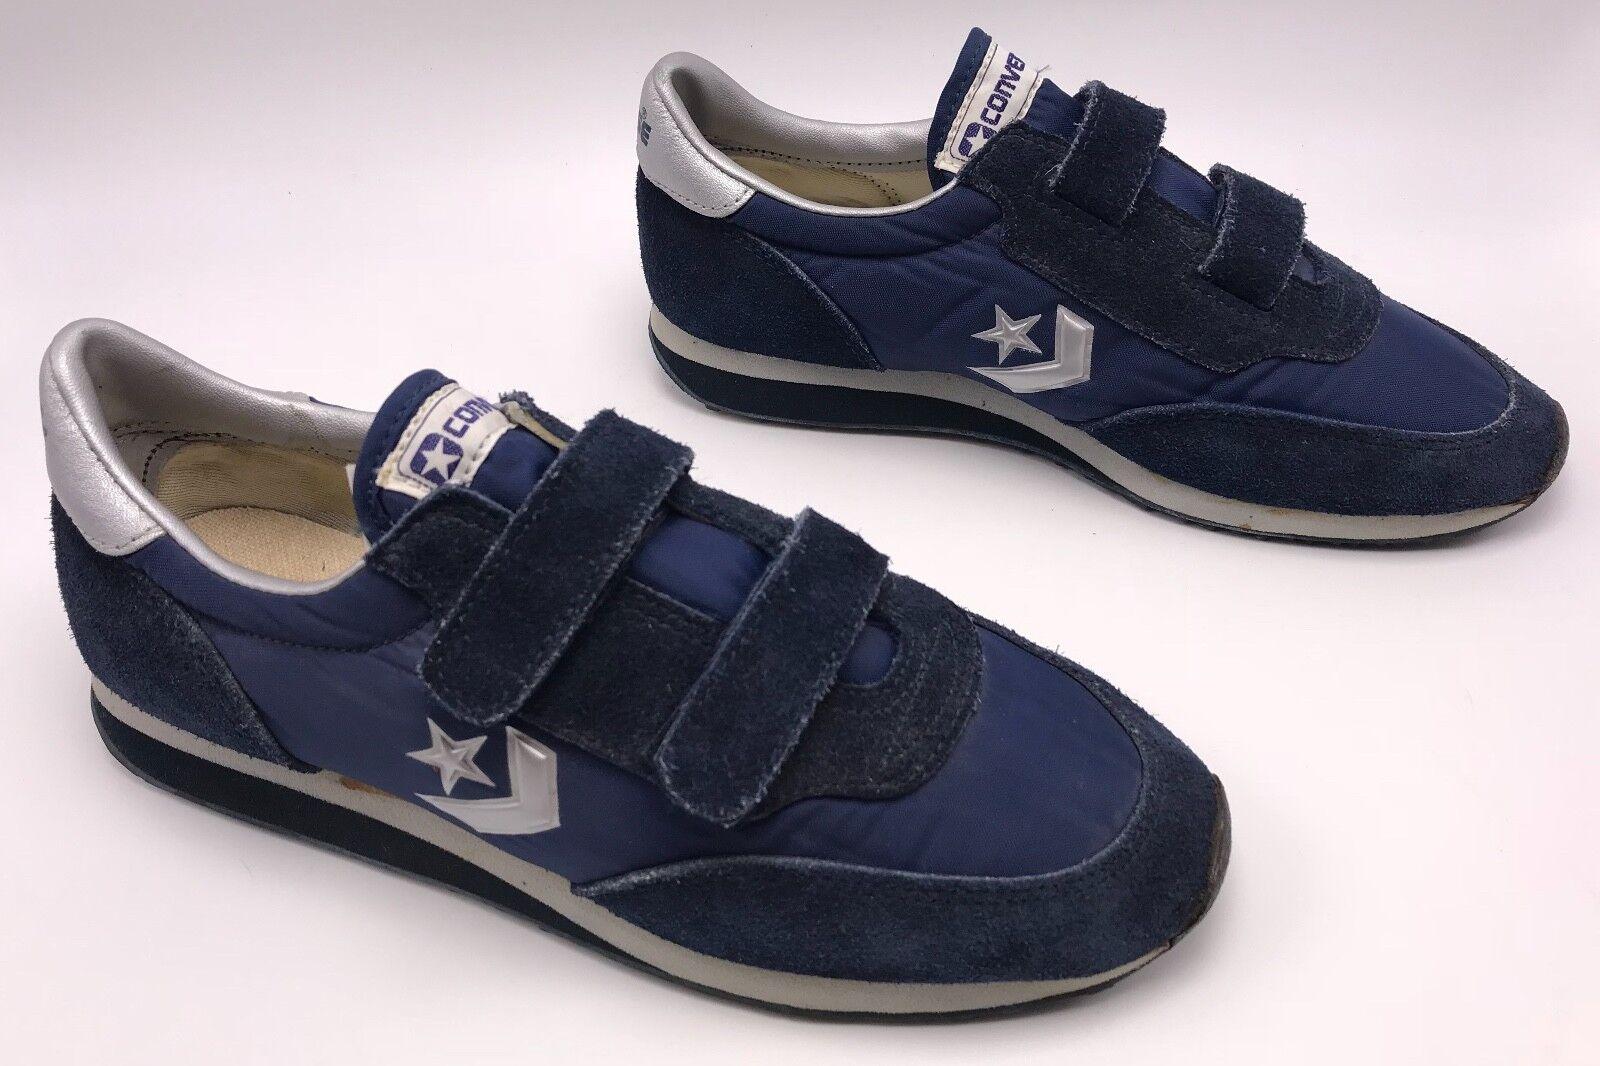 Vintage - 80er männer - jahre converse laufschuhe männer 80er frauen 8,5 double - Blau suede 6,5 21cdf1